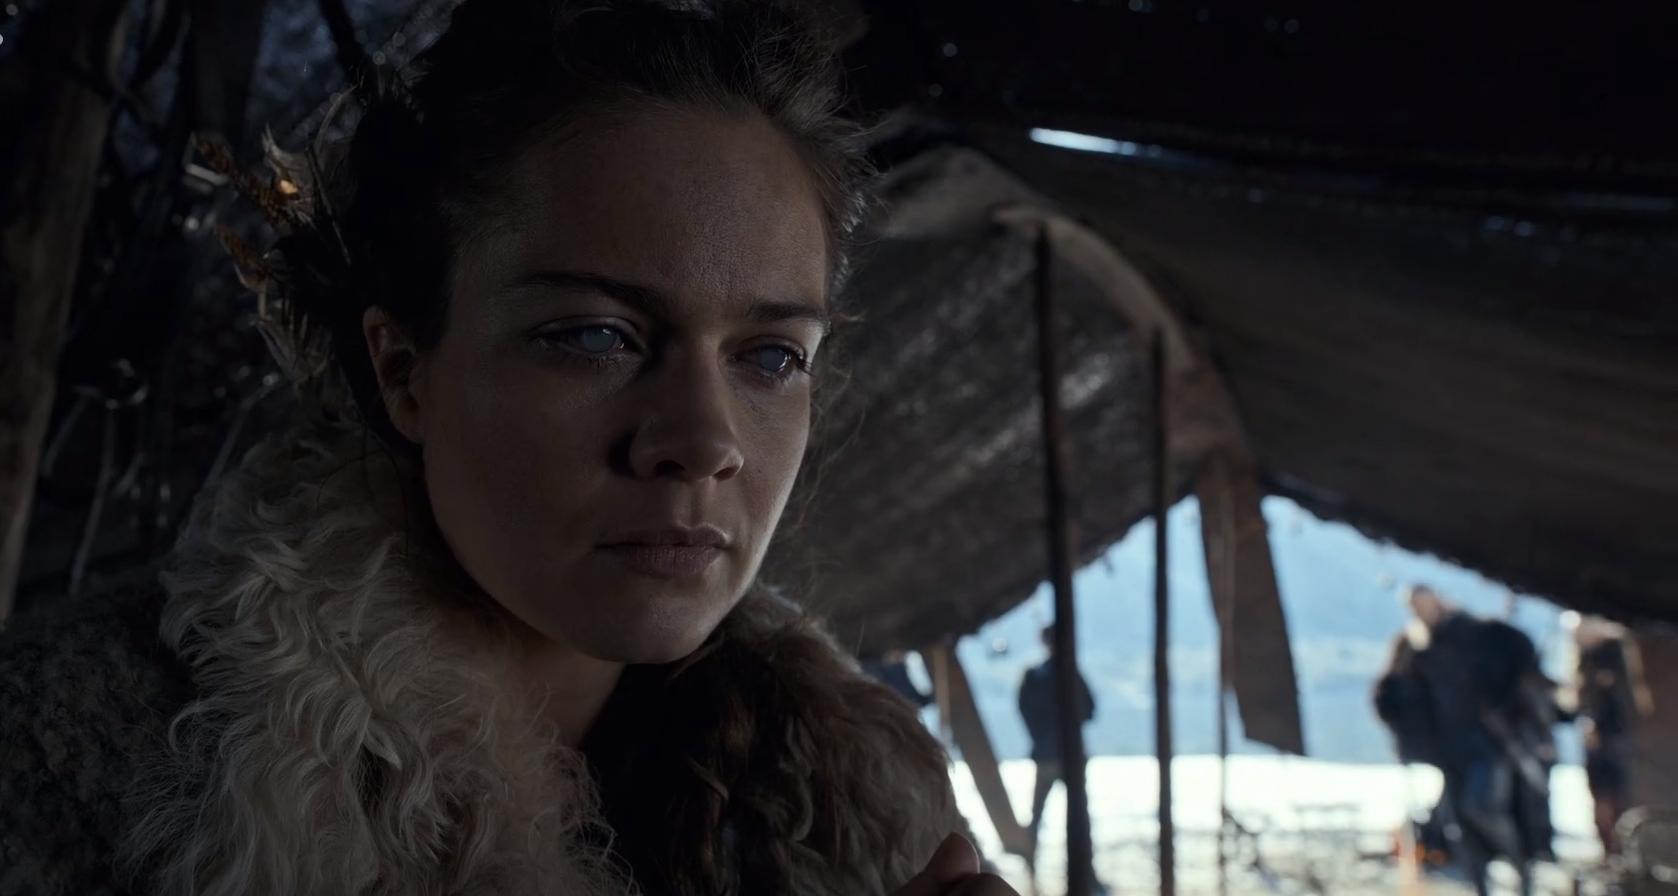 Hera Hilmar in See (2019)